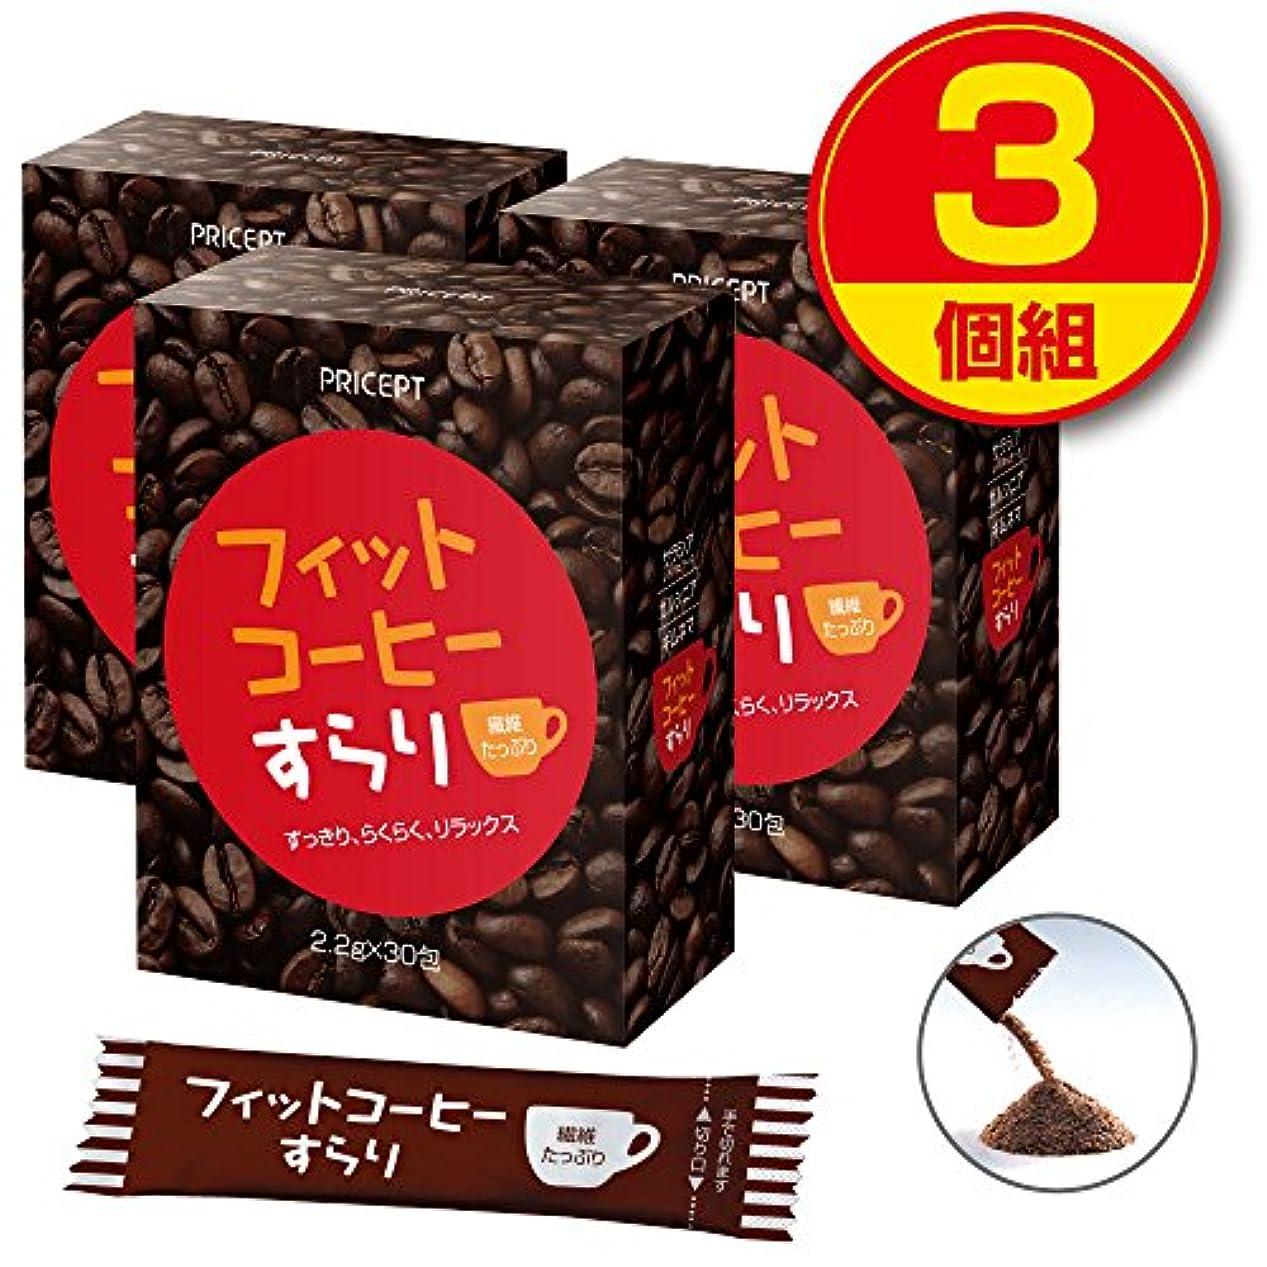 タイマー押すセメントプリセプト フィットコーヒーすらり 30包【3個組(90包)】(ダイエットサポートコーヒー)